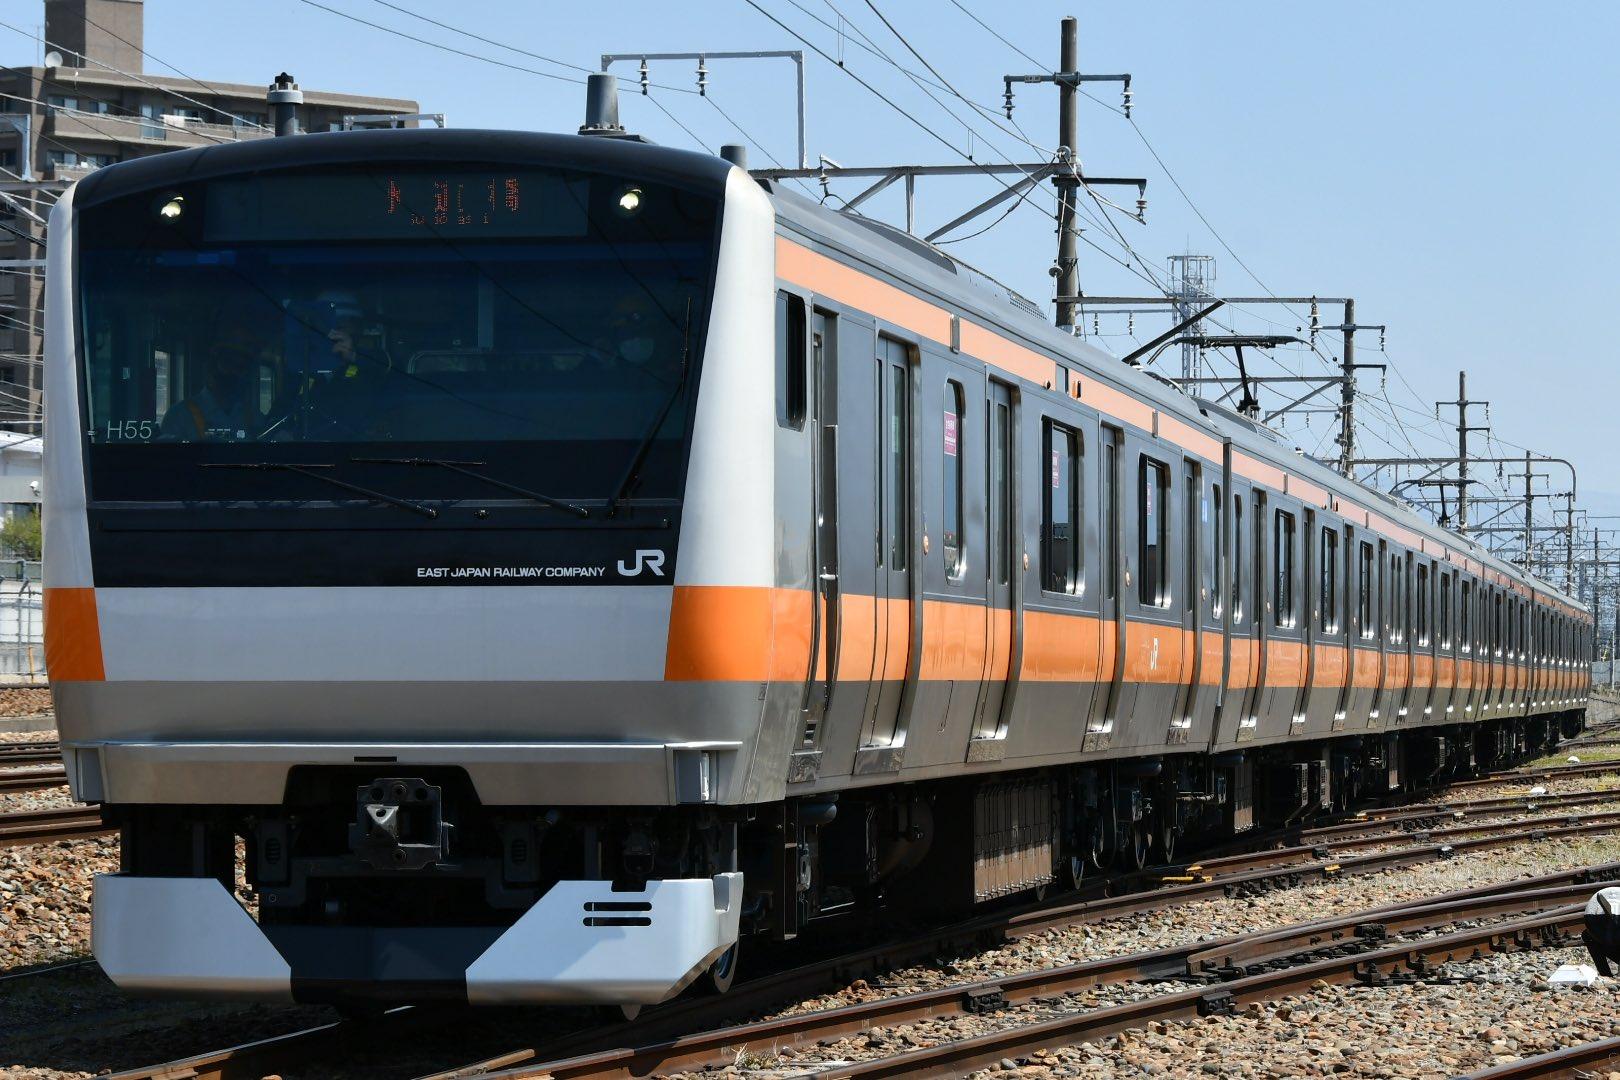 【長野発水道橋行き?】中央線グリーン車連結対応工事が実施 E233系トタH55編成で